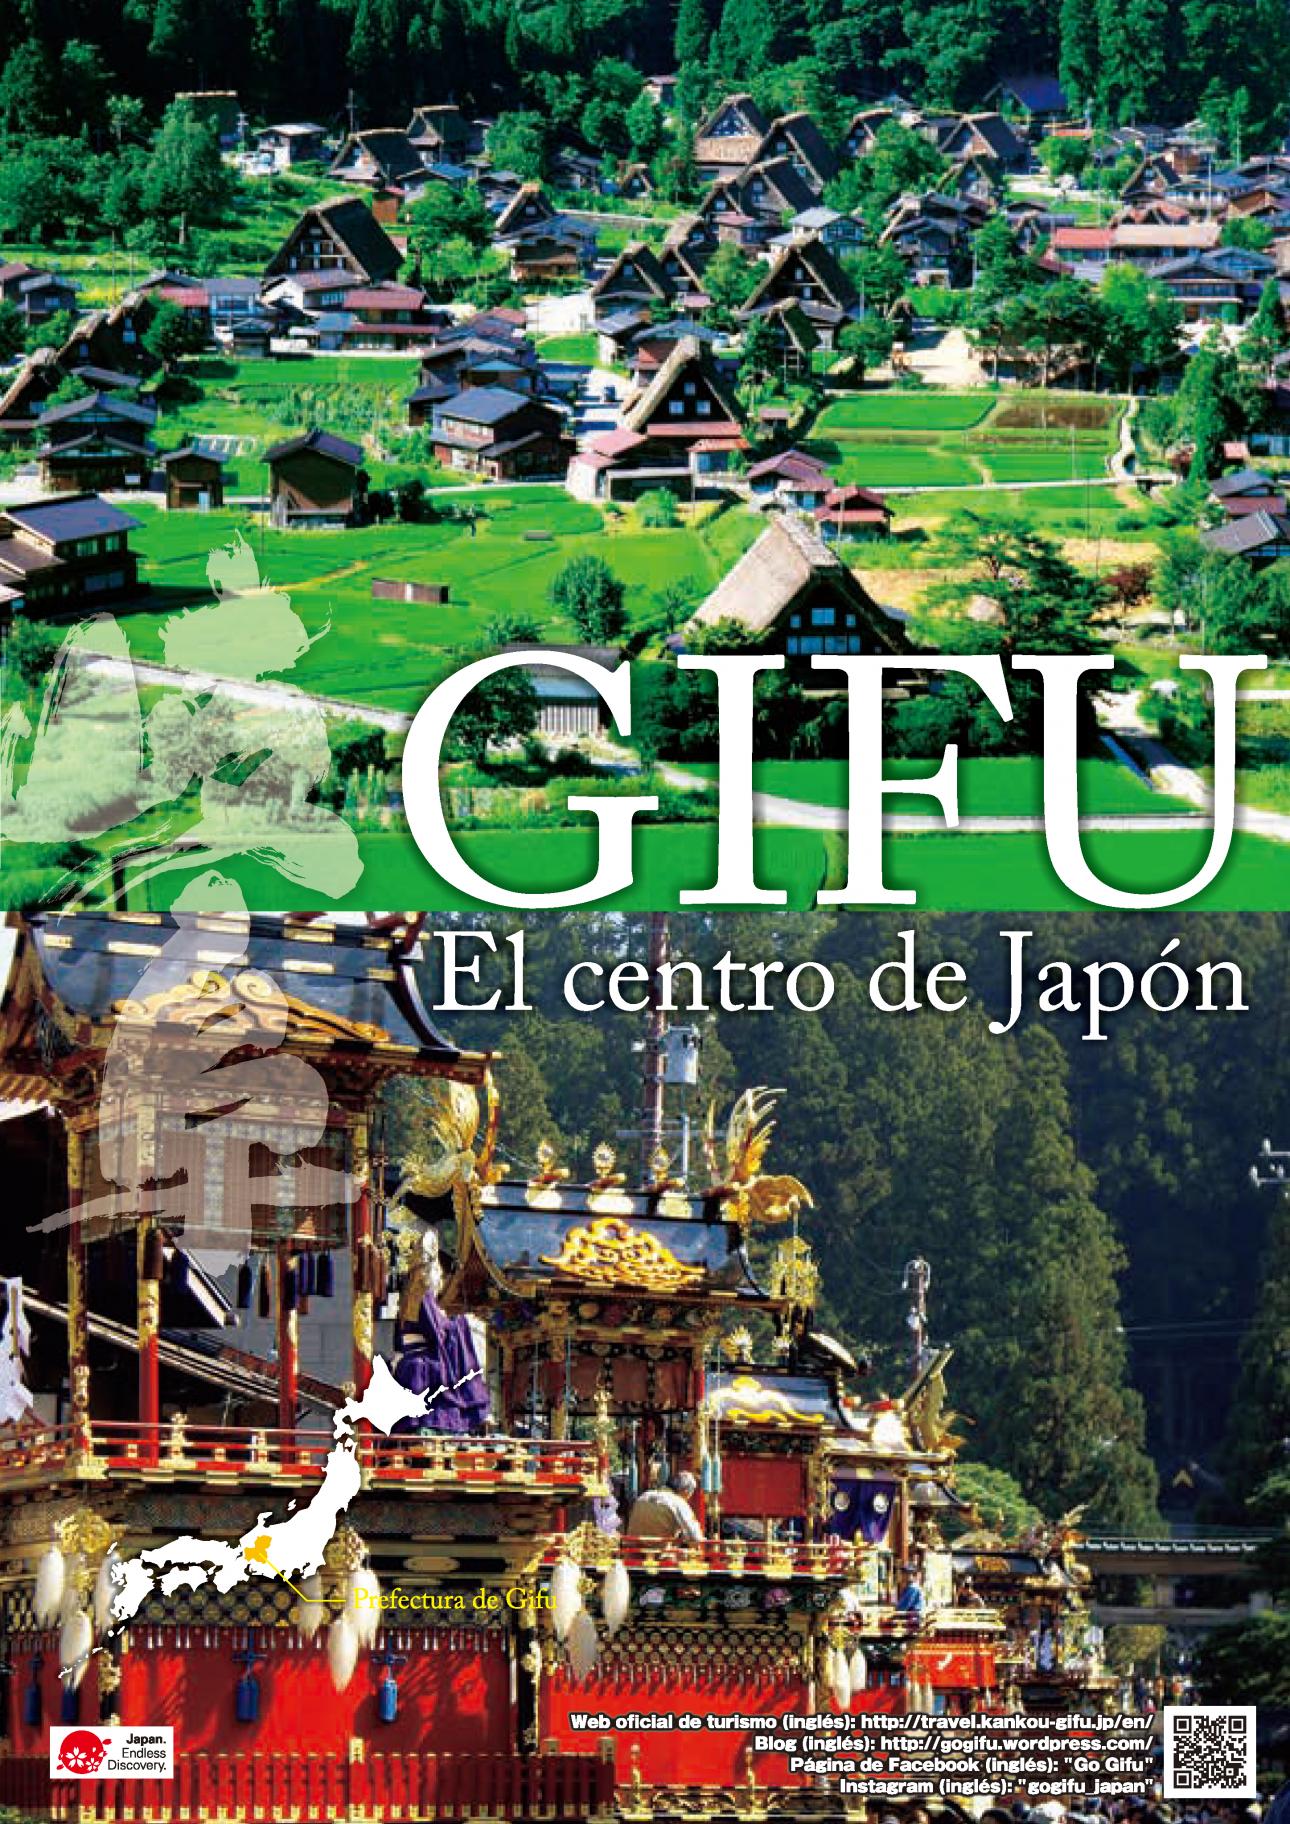 GIFU El centro de Japón